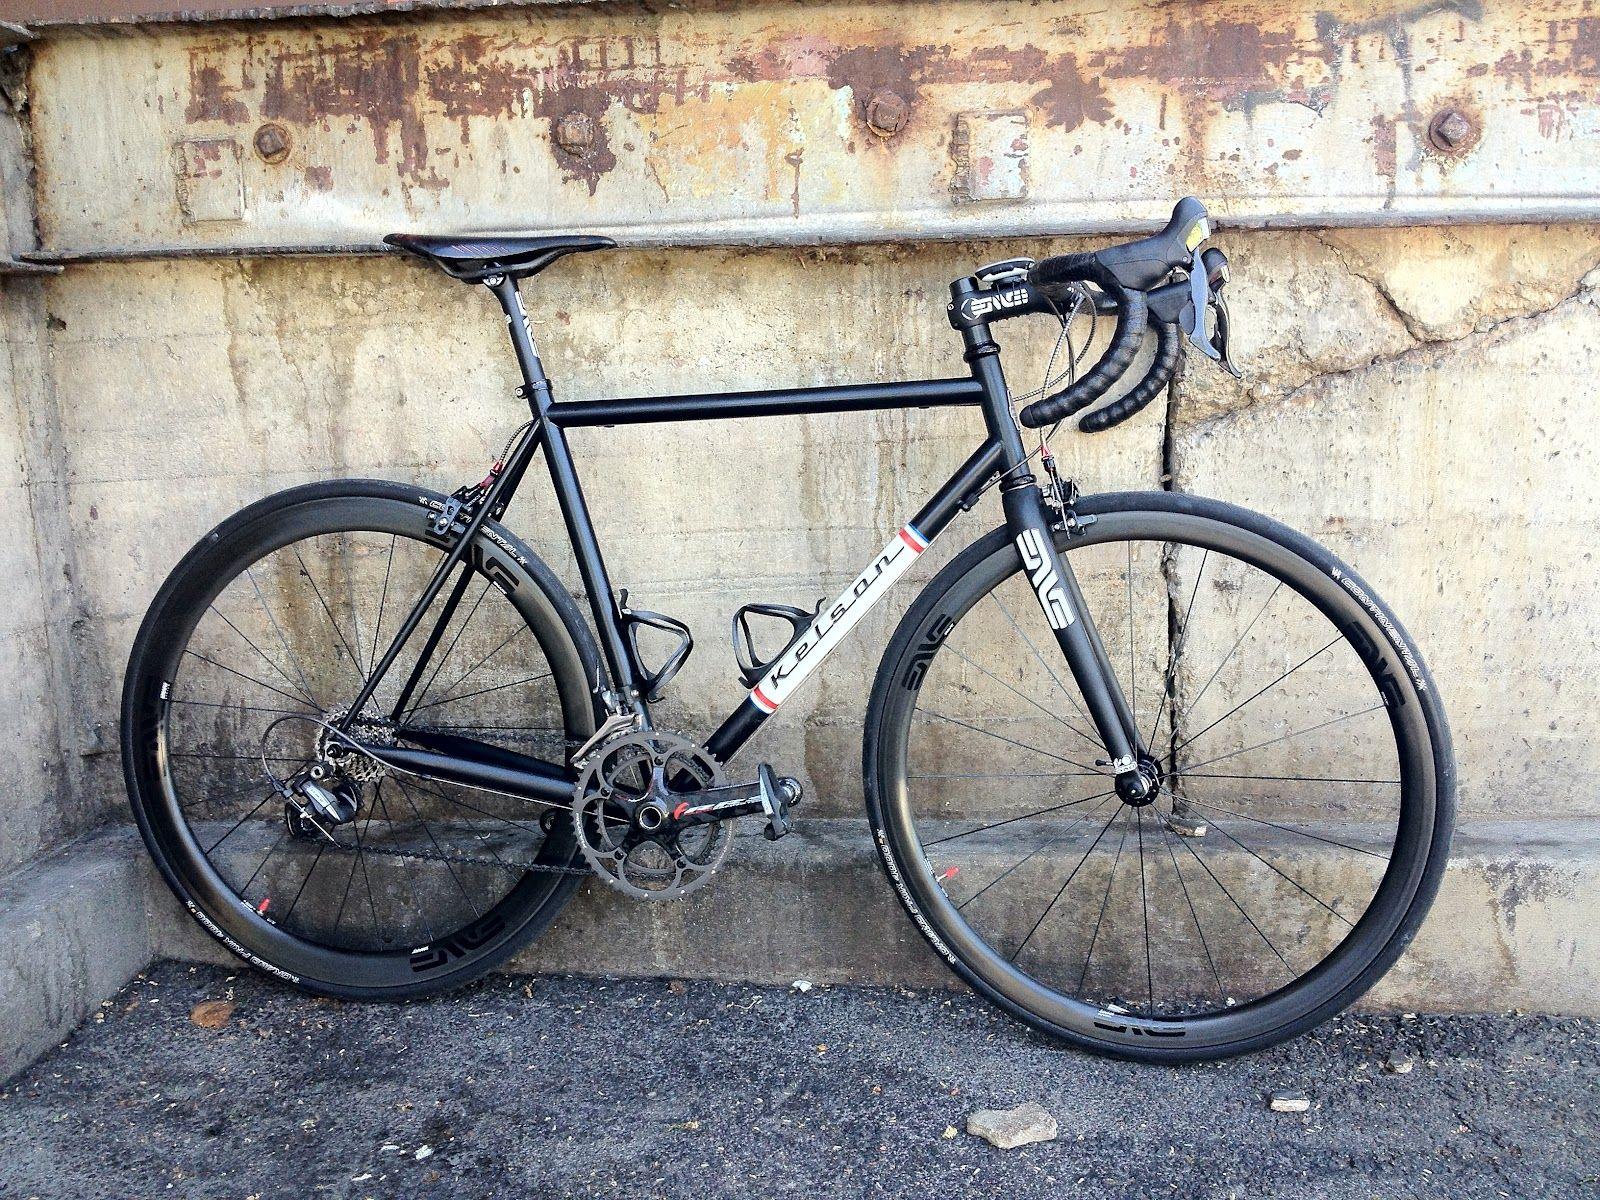 Kelson Frame Bike, Bicycle, Riding